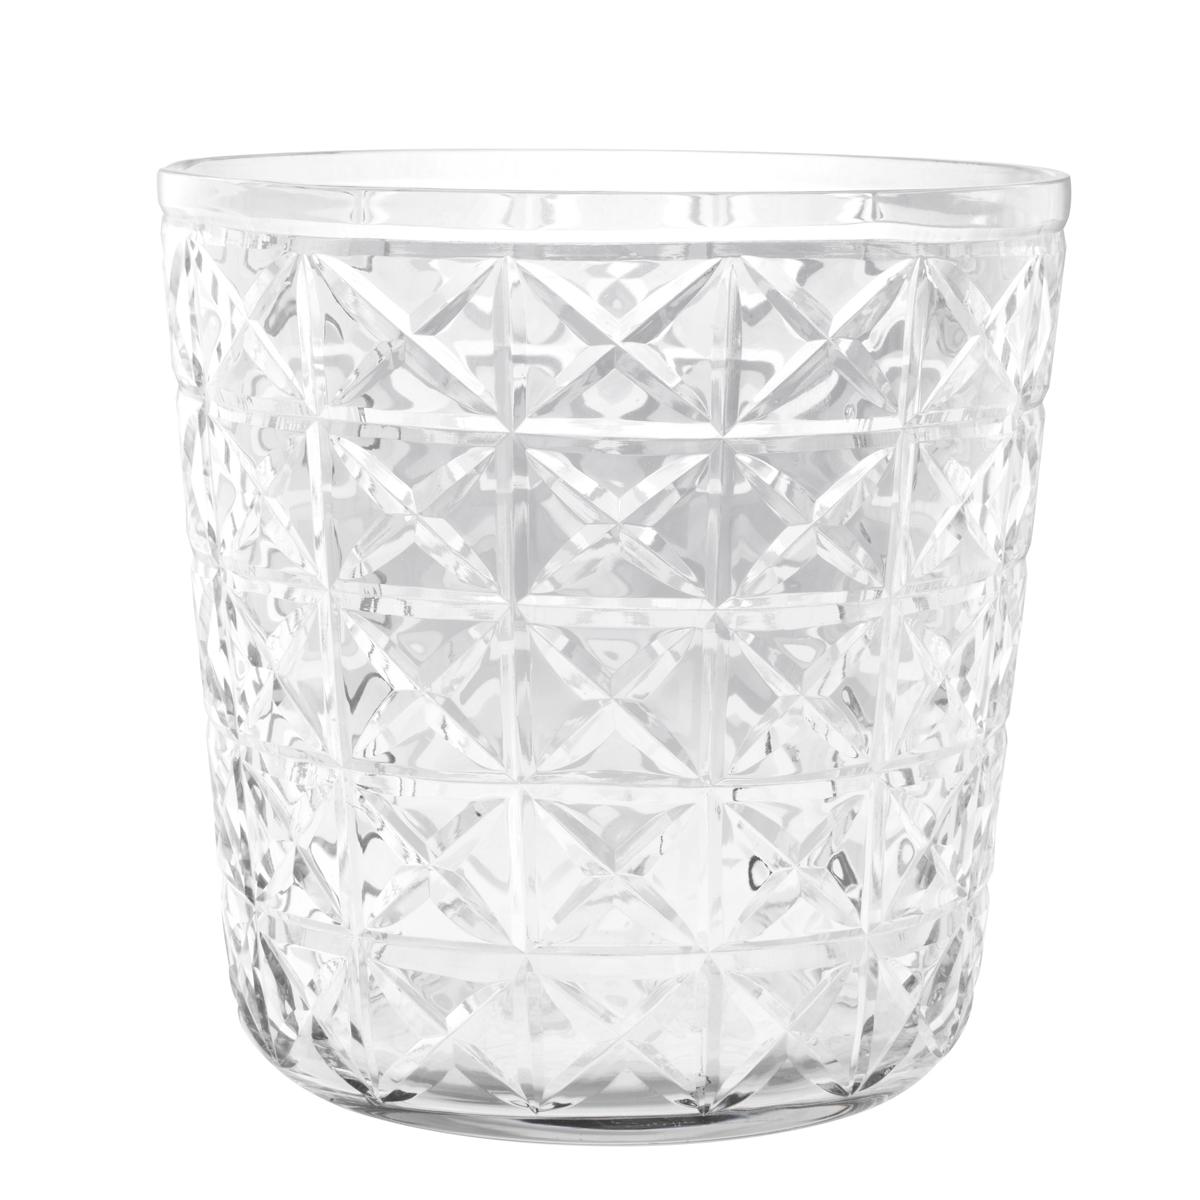 Купить со скидкой Ведро для льда Chablis из фактурного прозрачного стекла